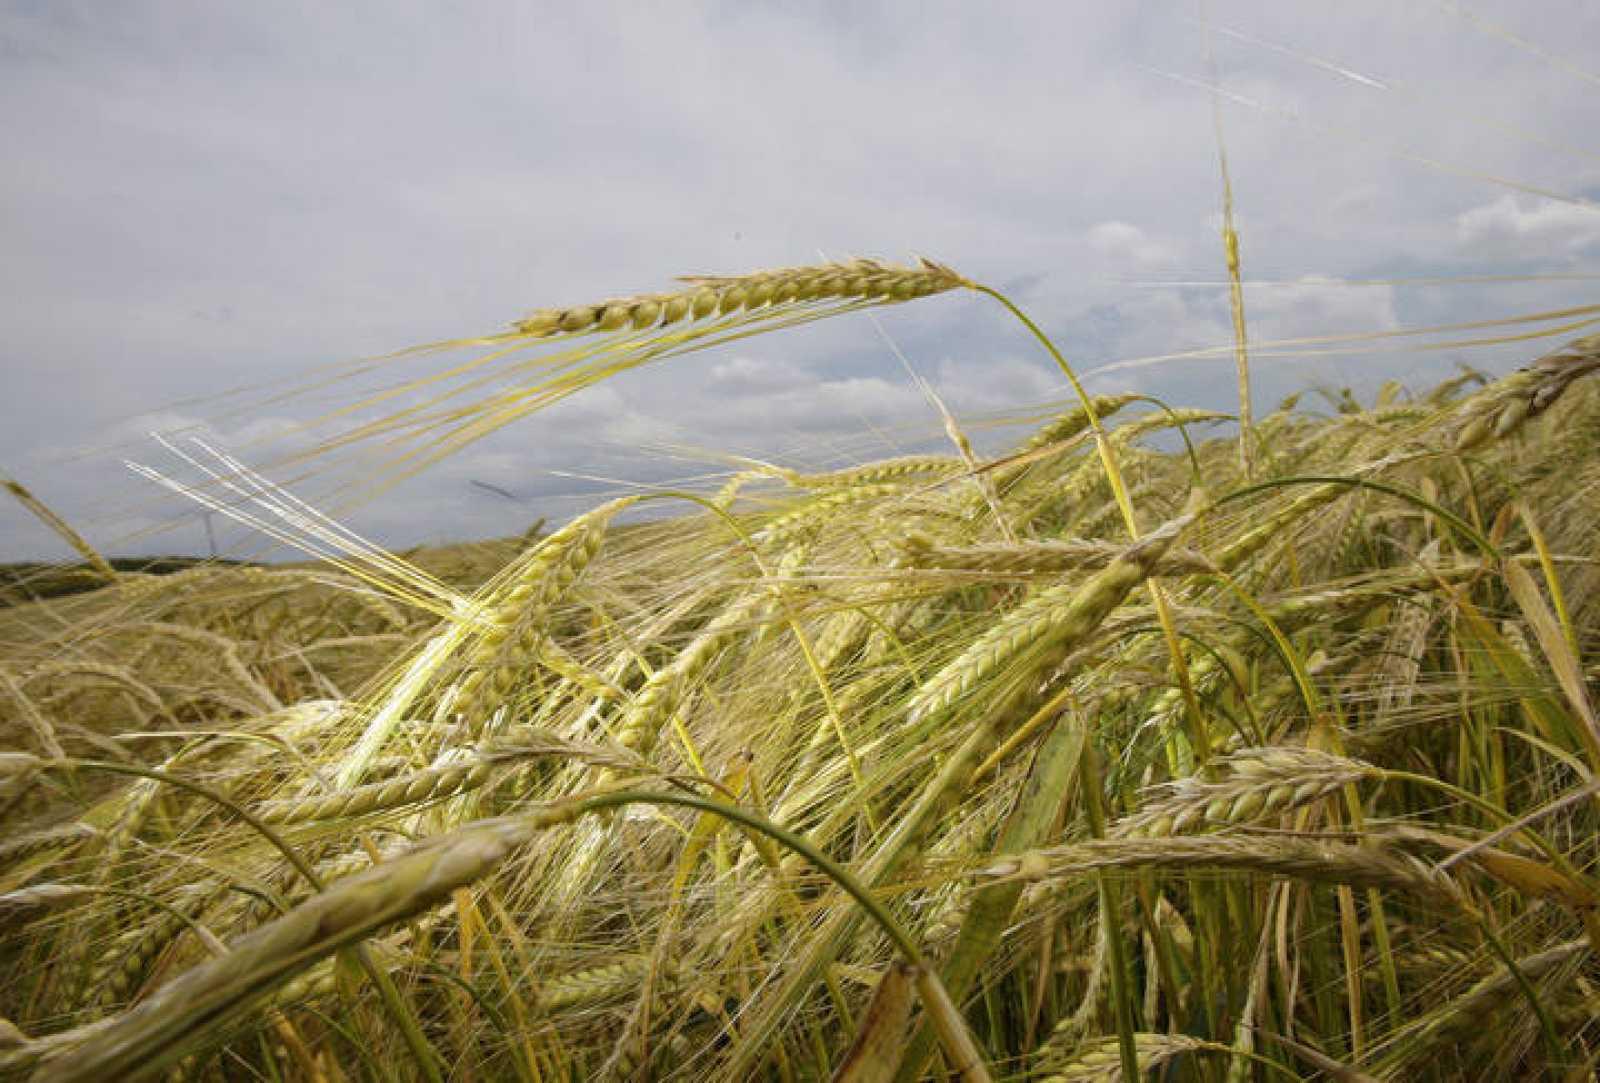 En los graneros de Dhra' se han encontrados restos de cebada salvaje, que probablemente pudo cosecharse.